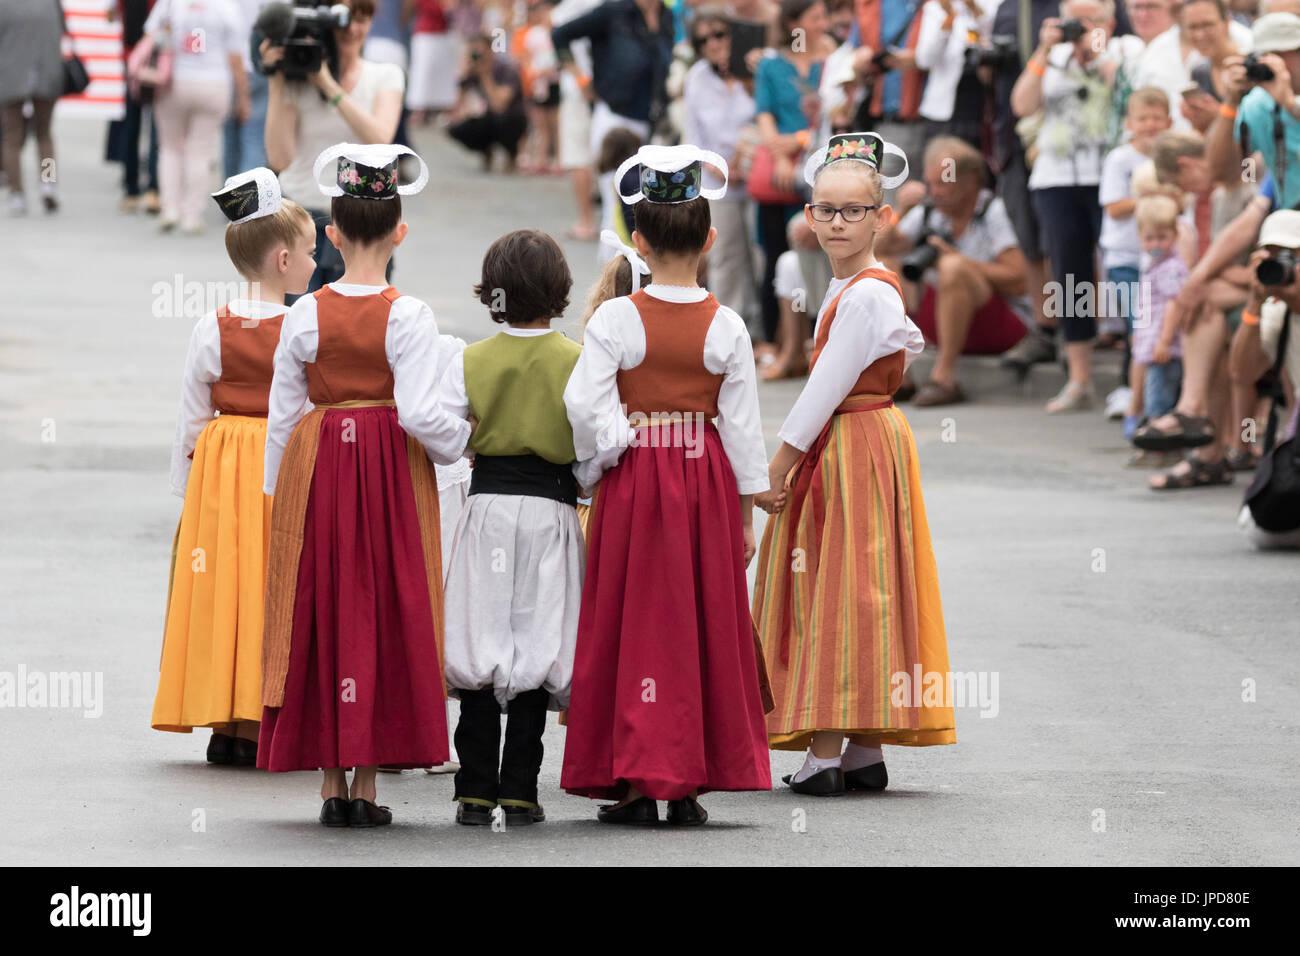 Franzosische Kinder In Traditioneller Kleidung In Fete Des